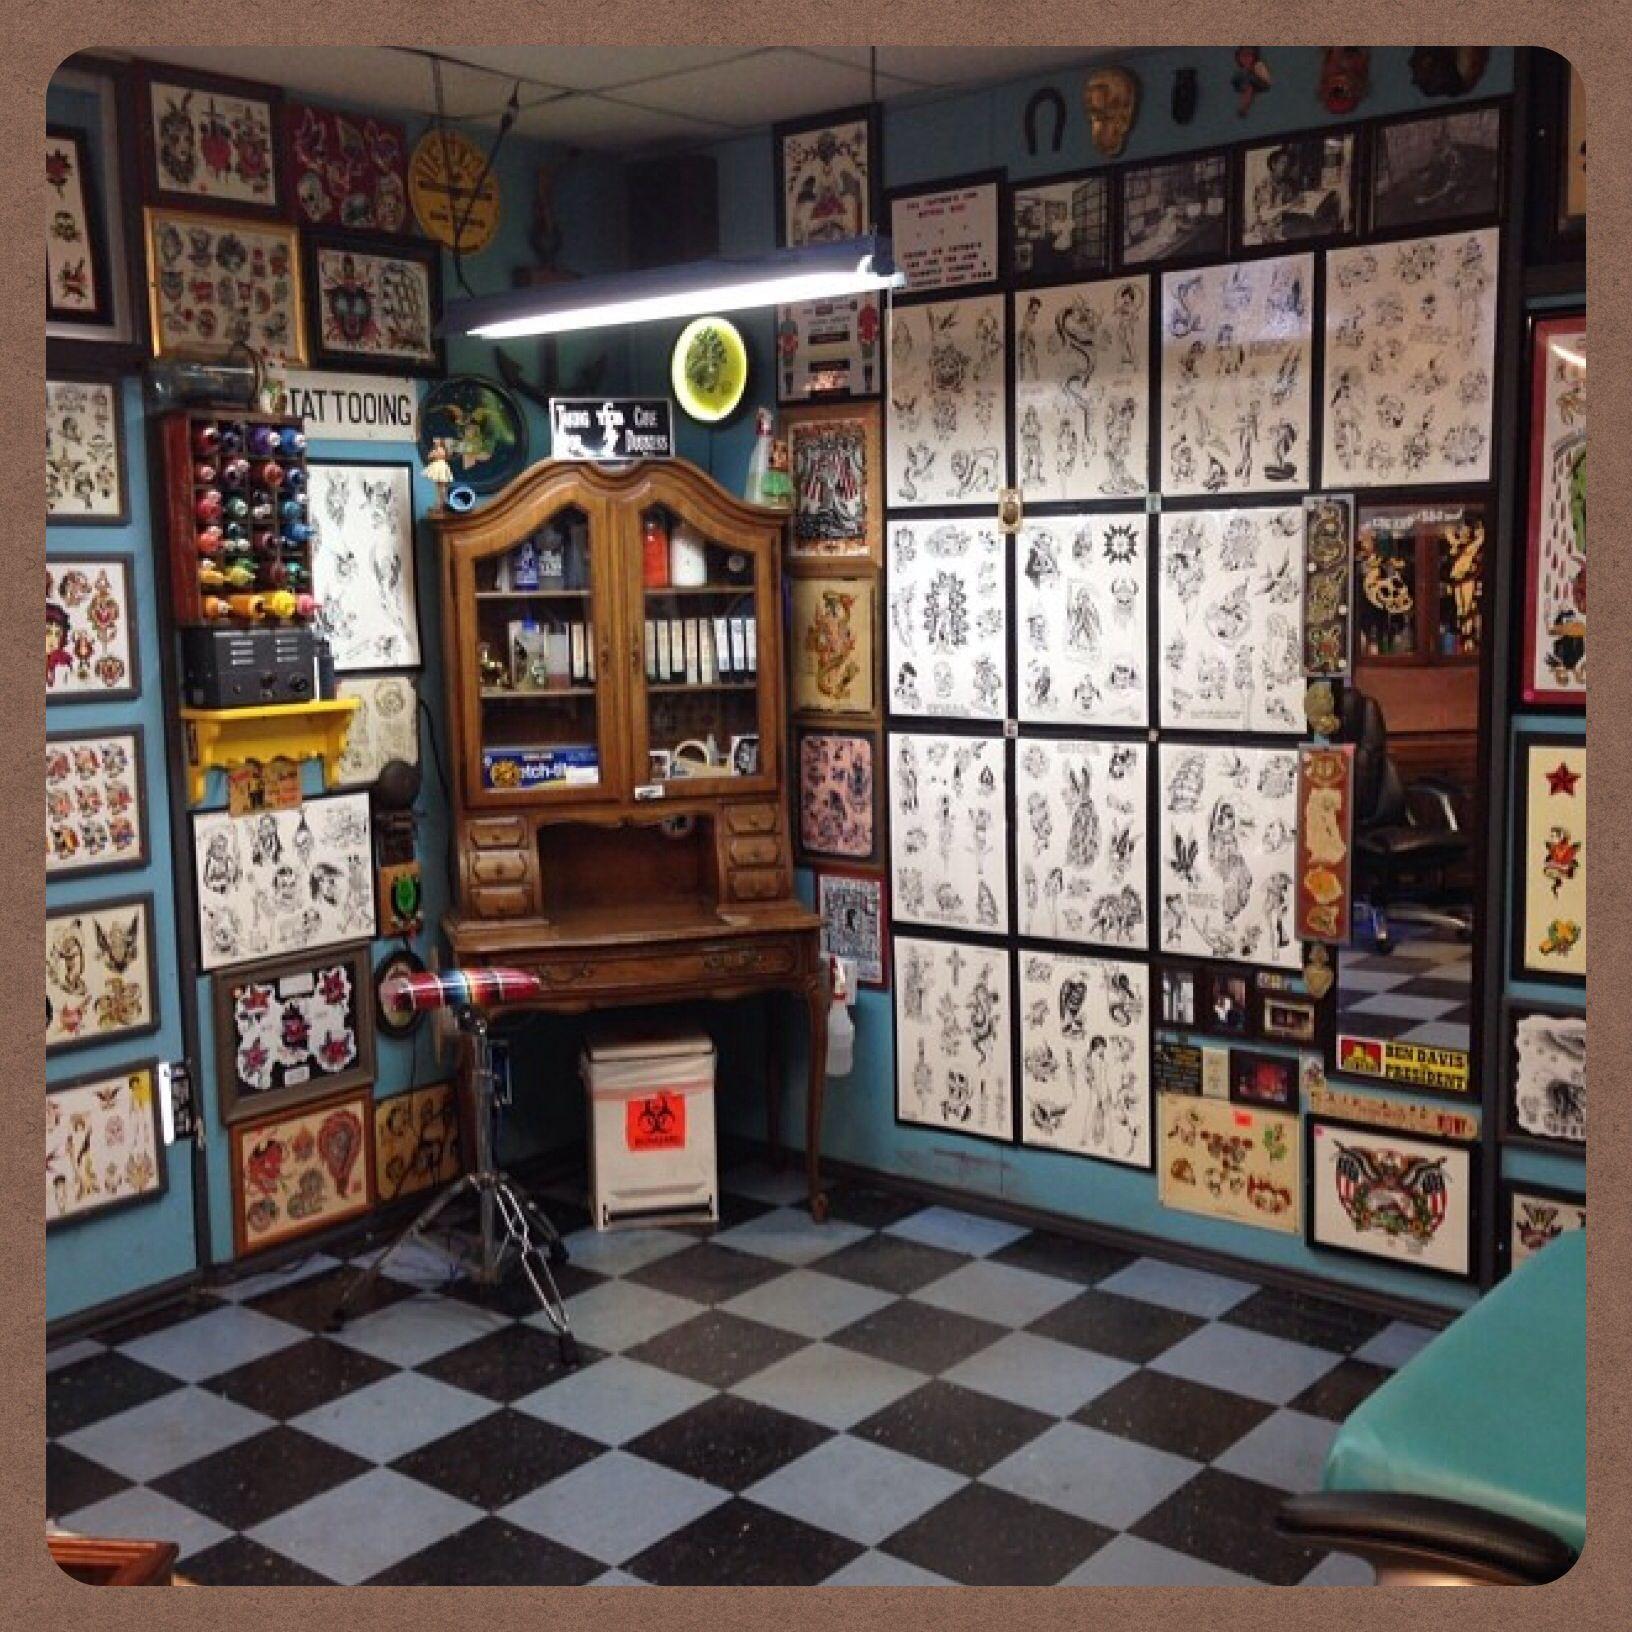 tattooshop | Tattoo Shop Ideas/Thoughts | Pinterest | Tattoos shops ...